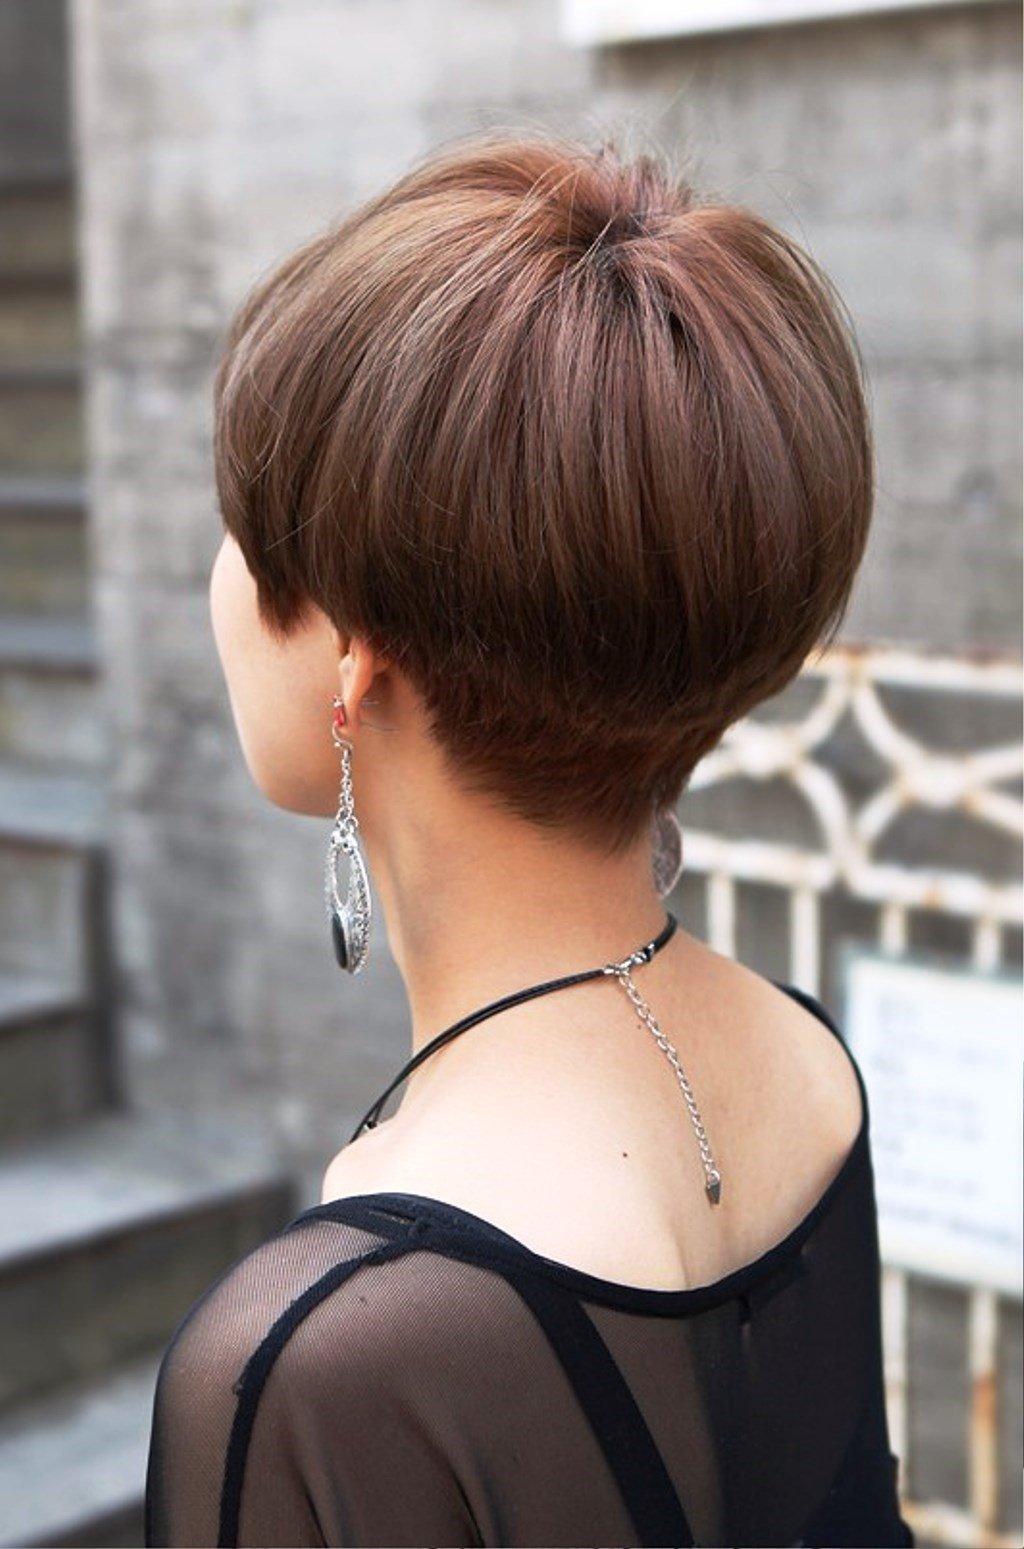 тренды 2018 2019 волосы: стрижка паж короткие